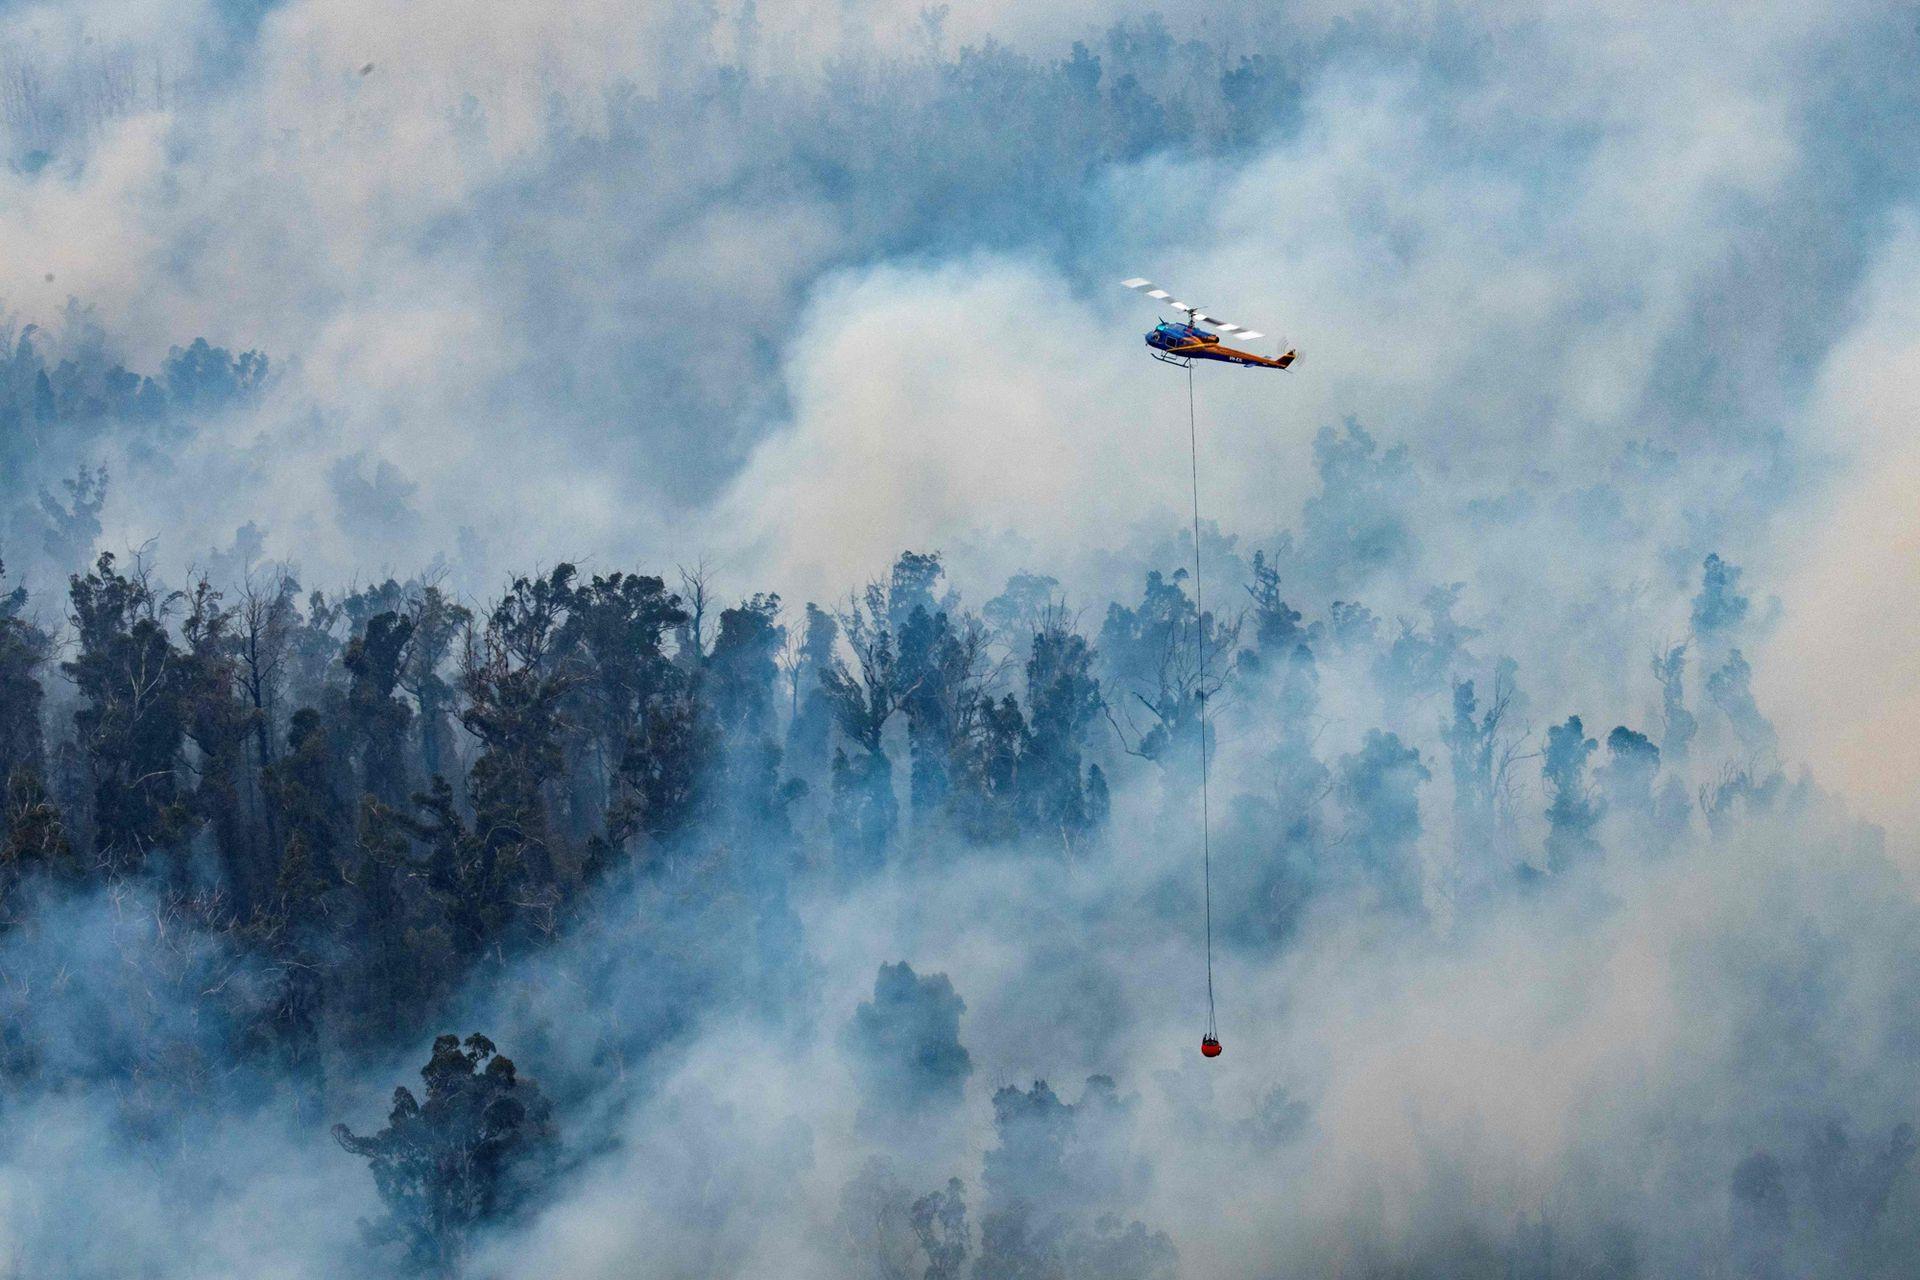 Un helicóptero arroja agua sobre un incendio en la región de East Gippsland de Victoria, el 29 de diciembre de 2019.